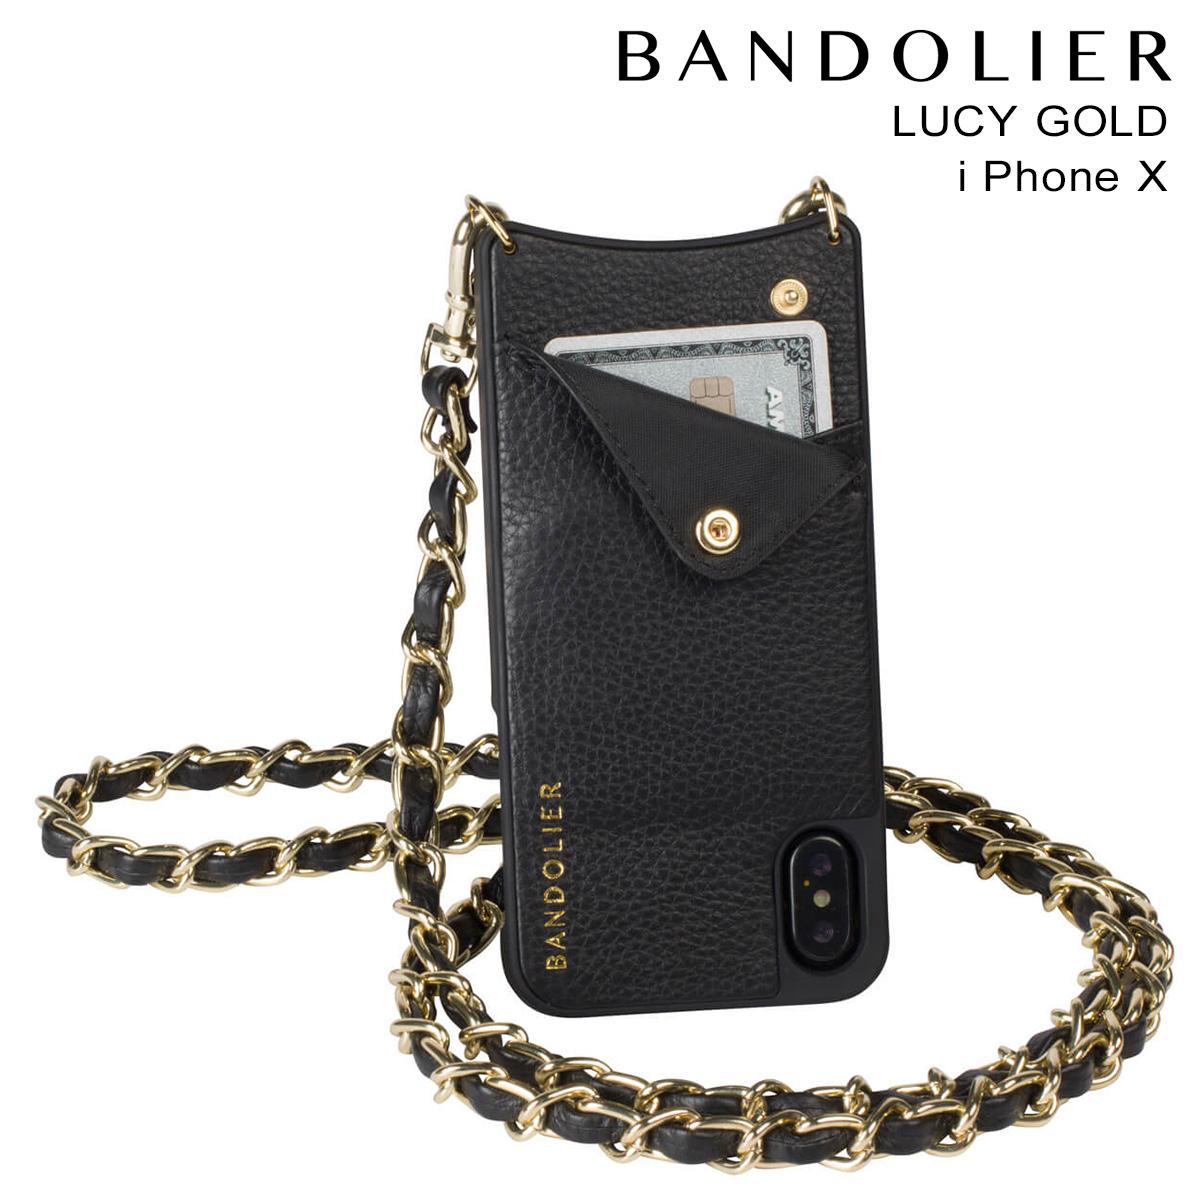 バンドリヤー BANDOLIER iPhoneX ケース スマホ アイフォン LUCY GOLD レザー メンズ レディース [9/14 新入荷]